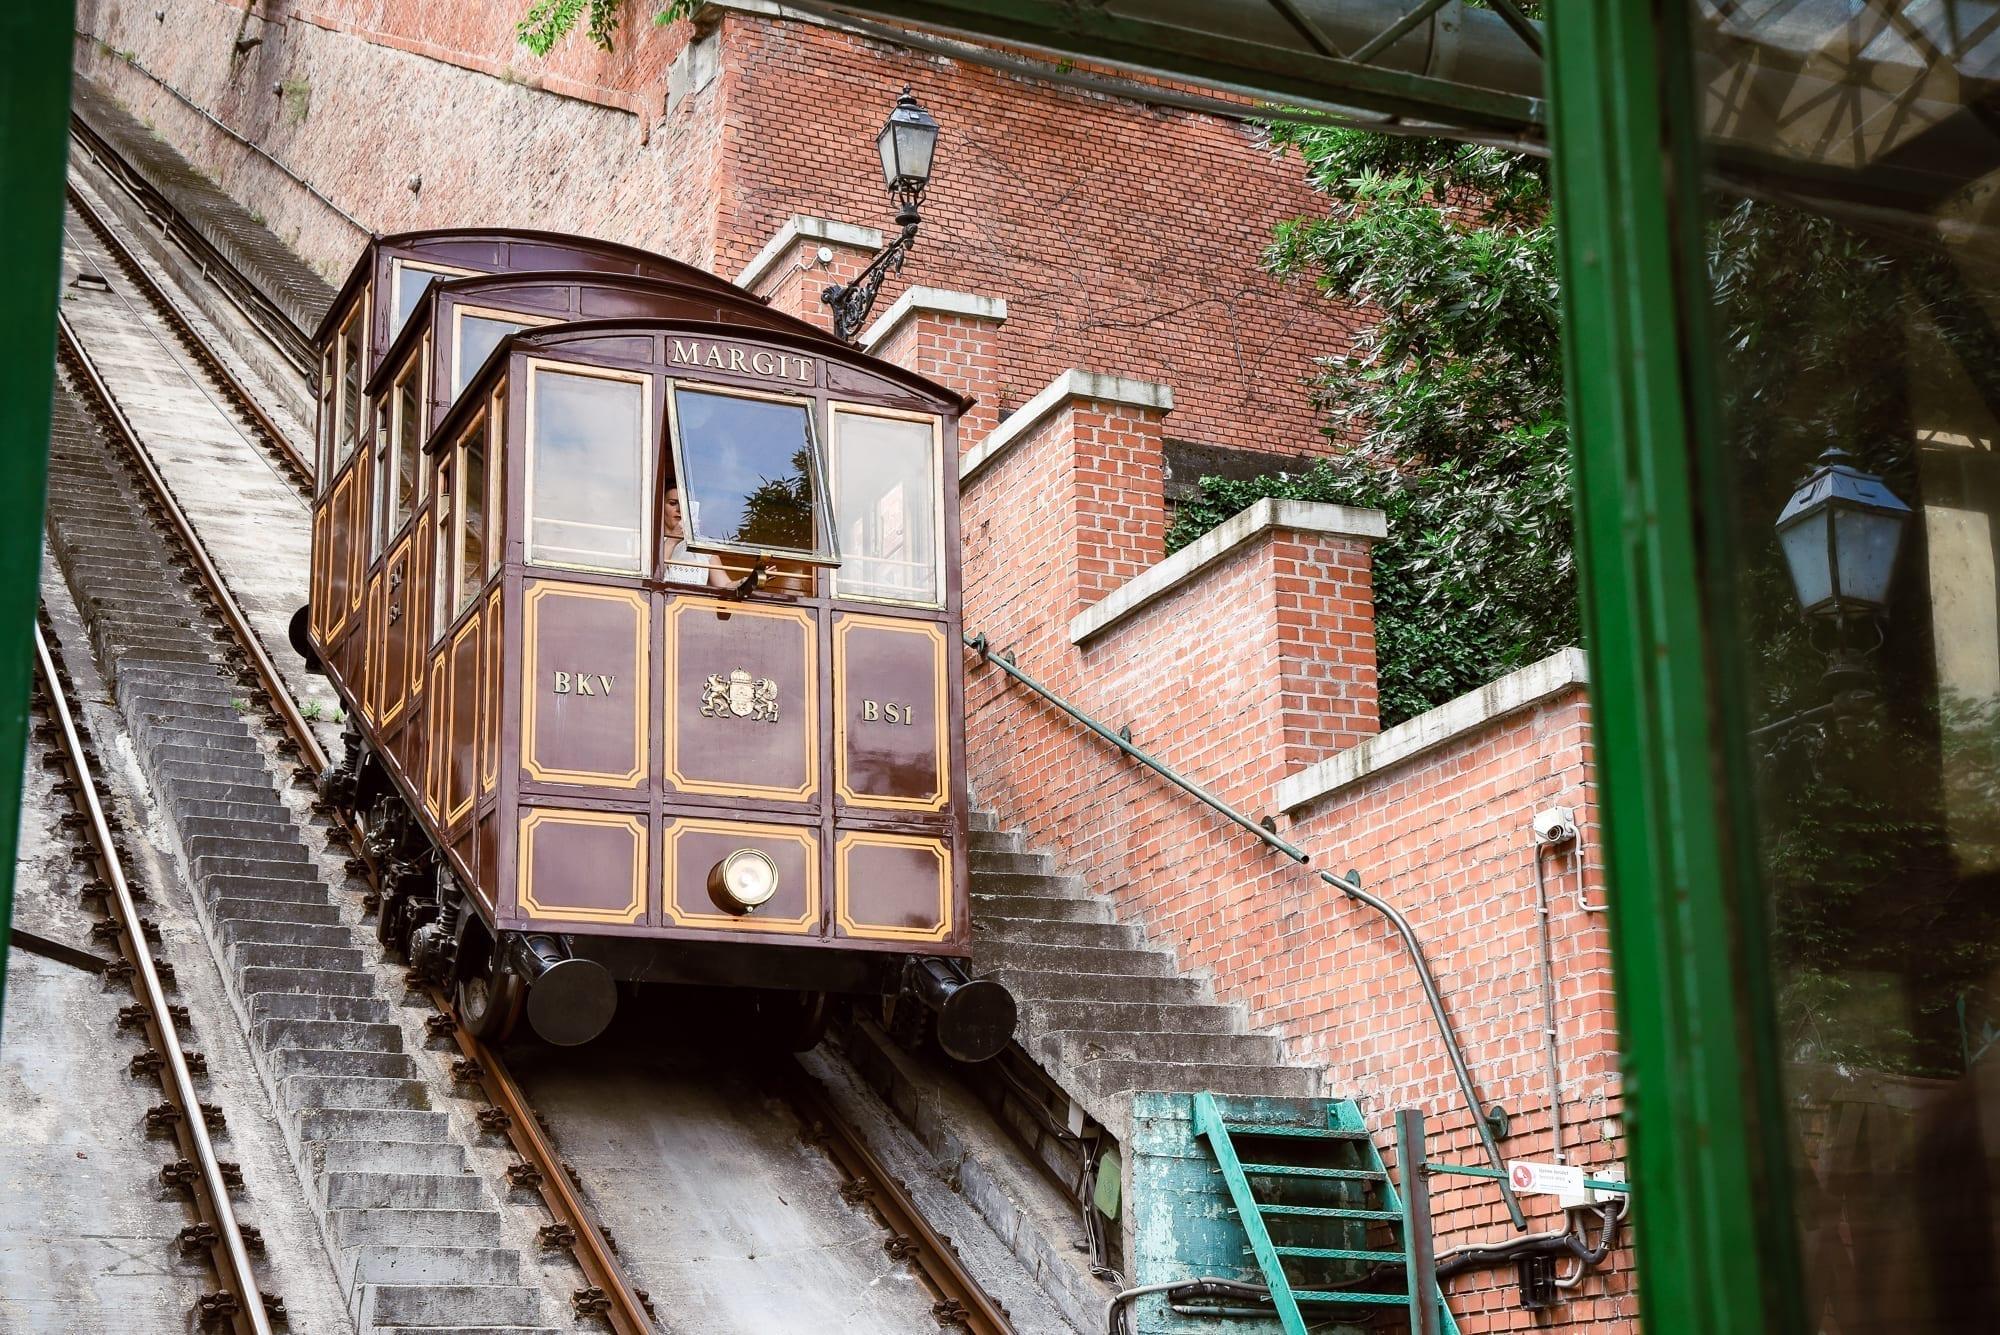 funicular tram in budapest